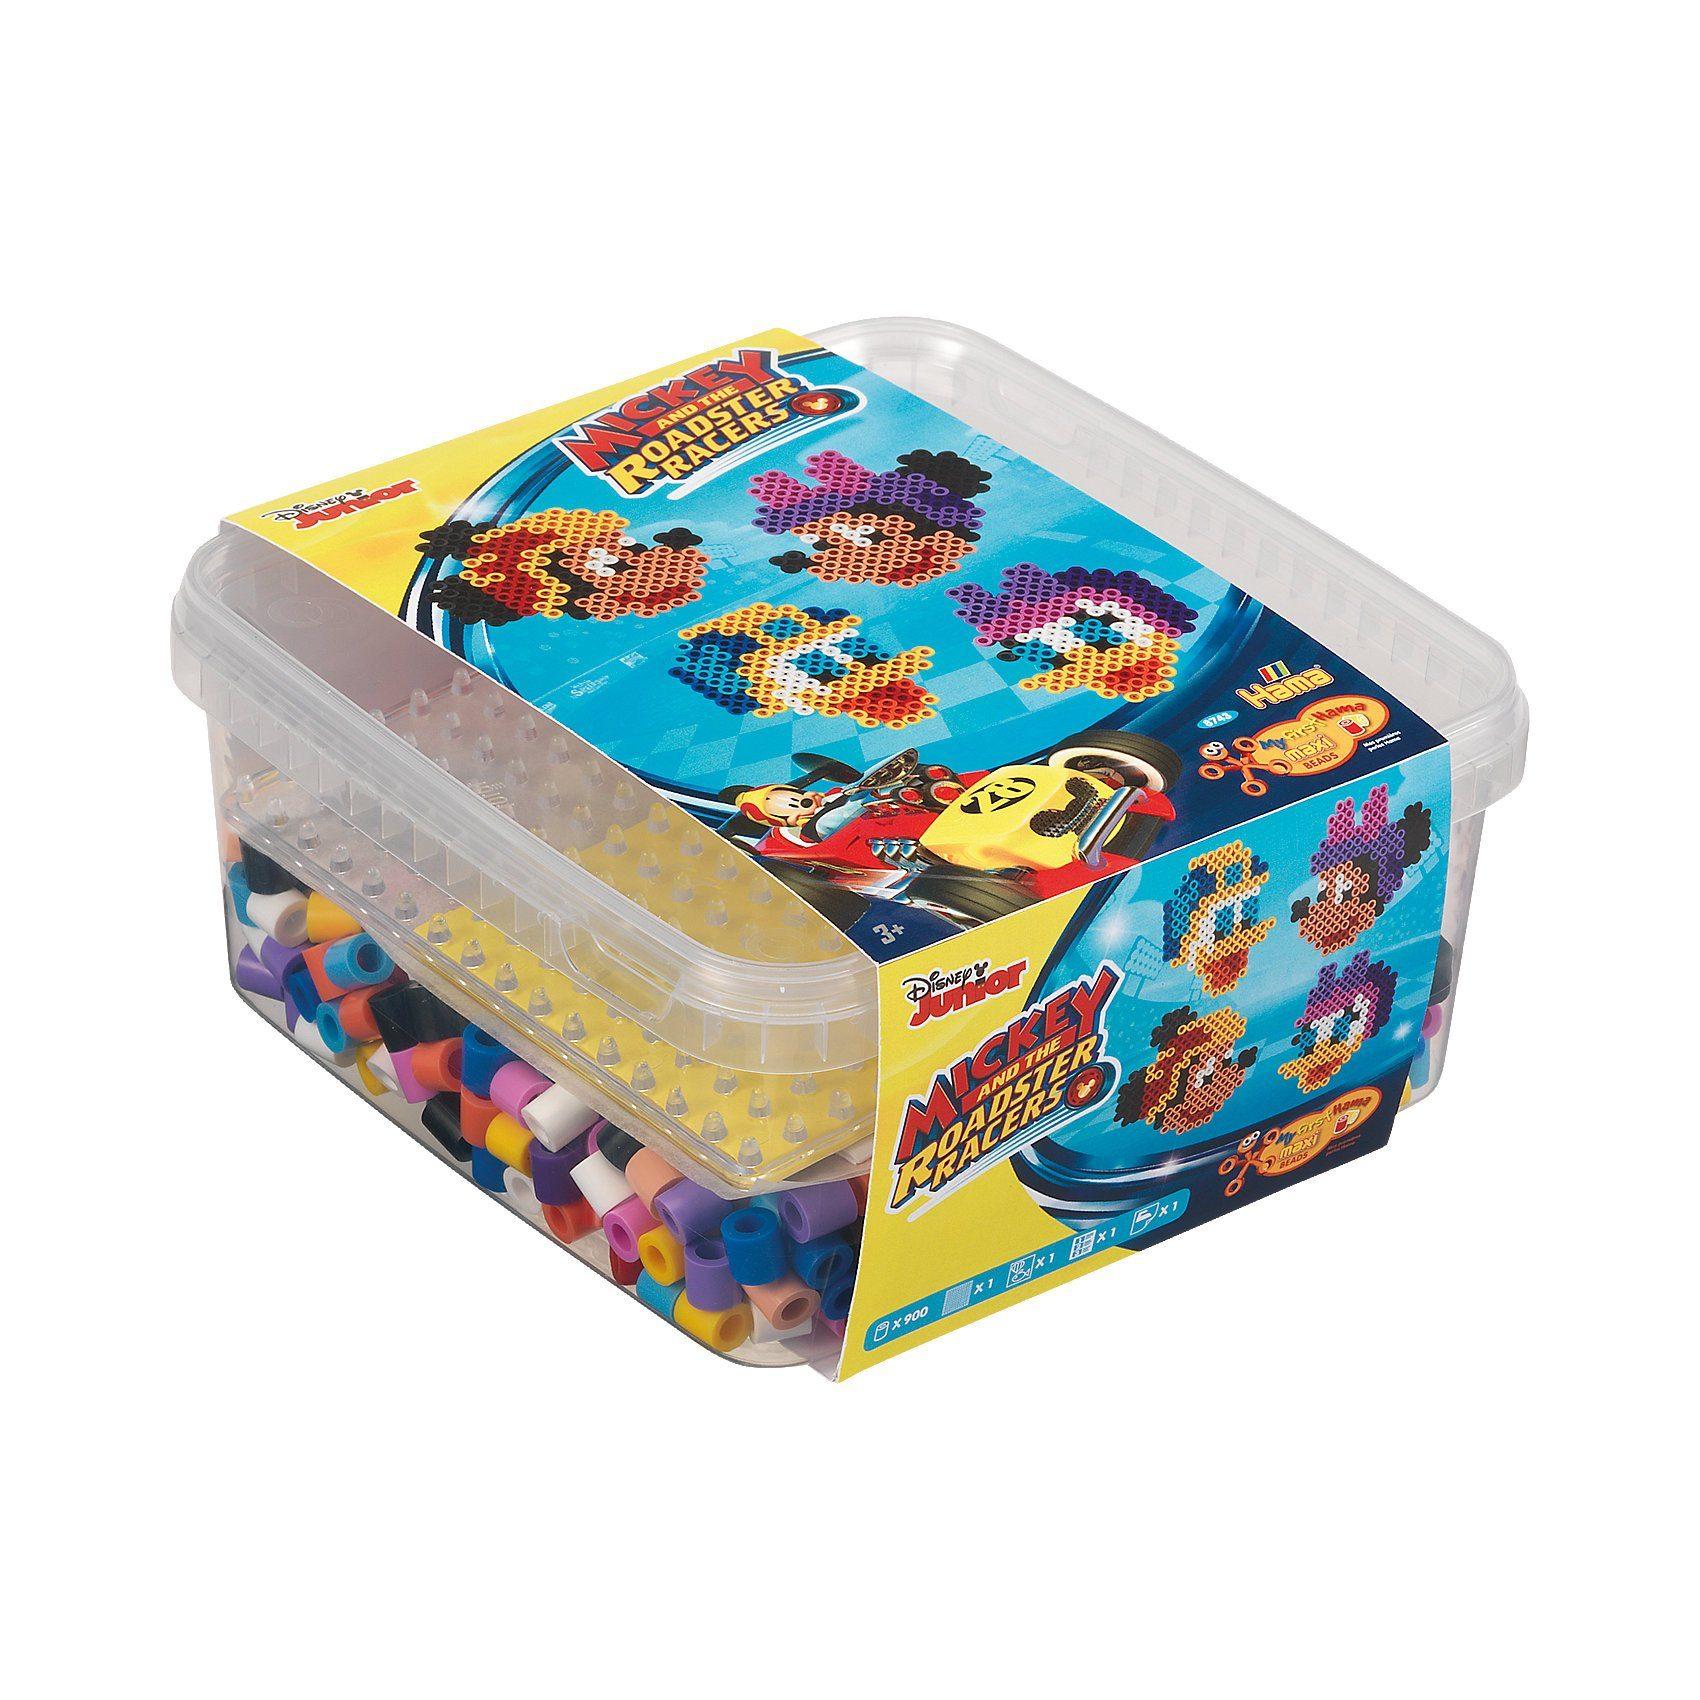 Hama Perlen HAMA 8743 Box Mickey und die flinken Flitzer, 900 maxi-Perle